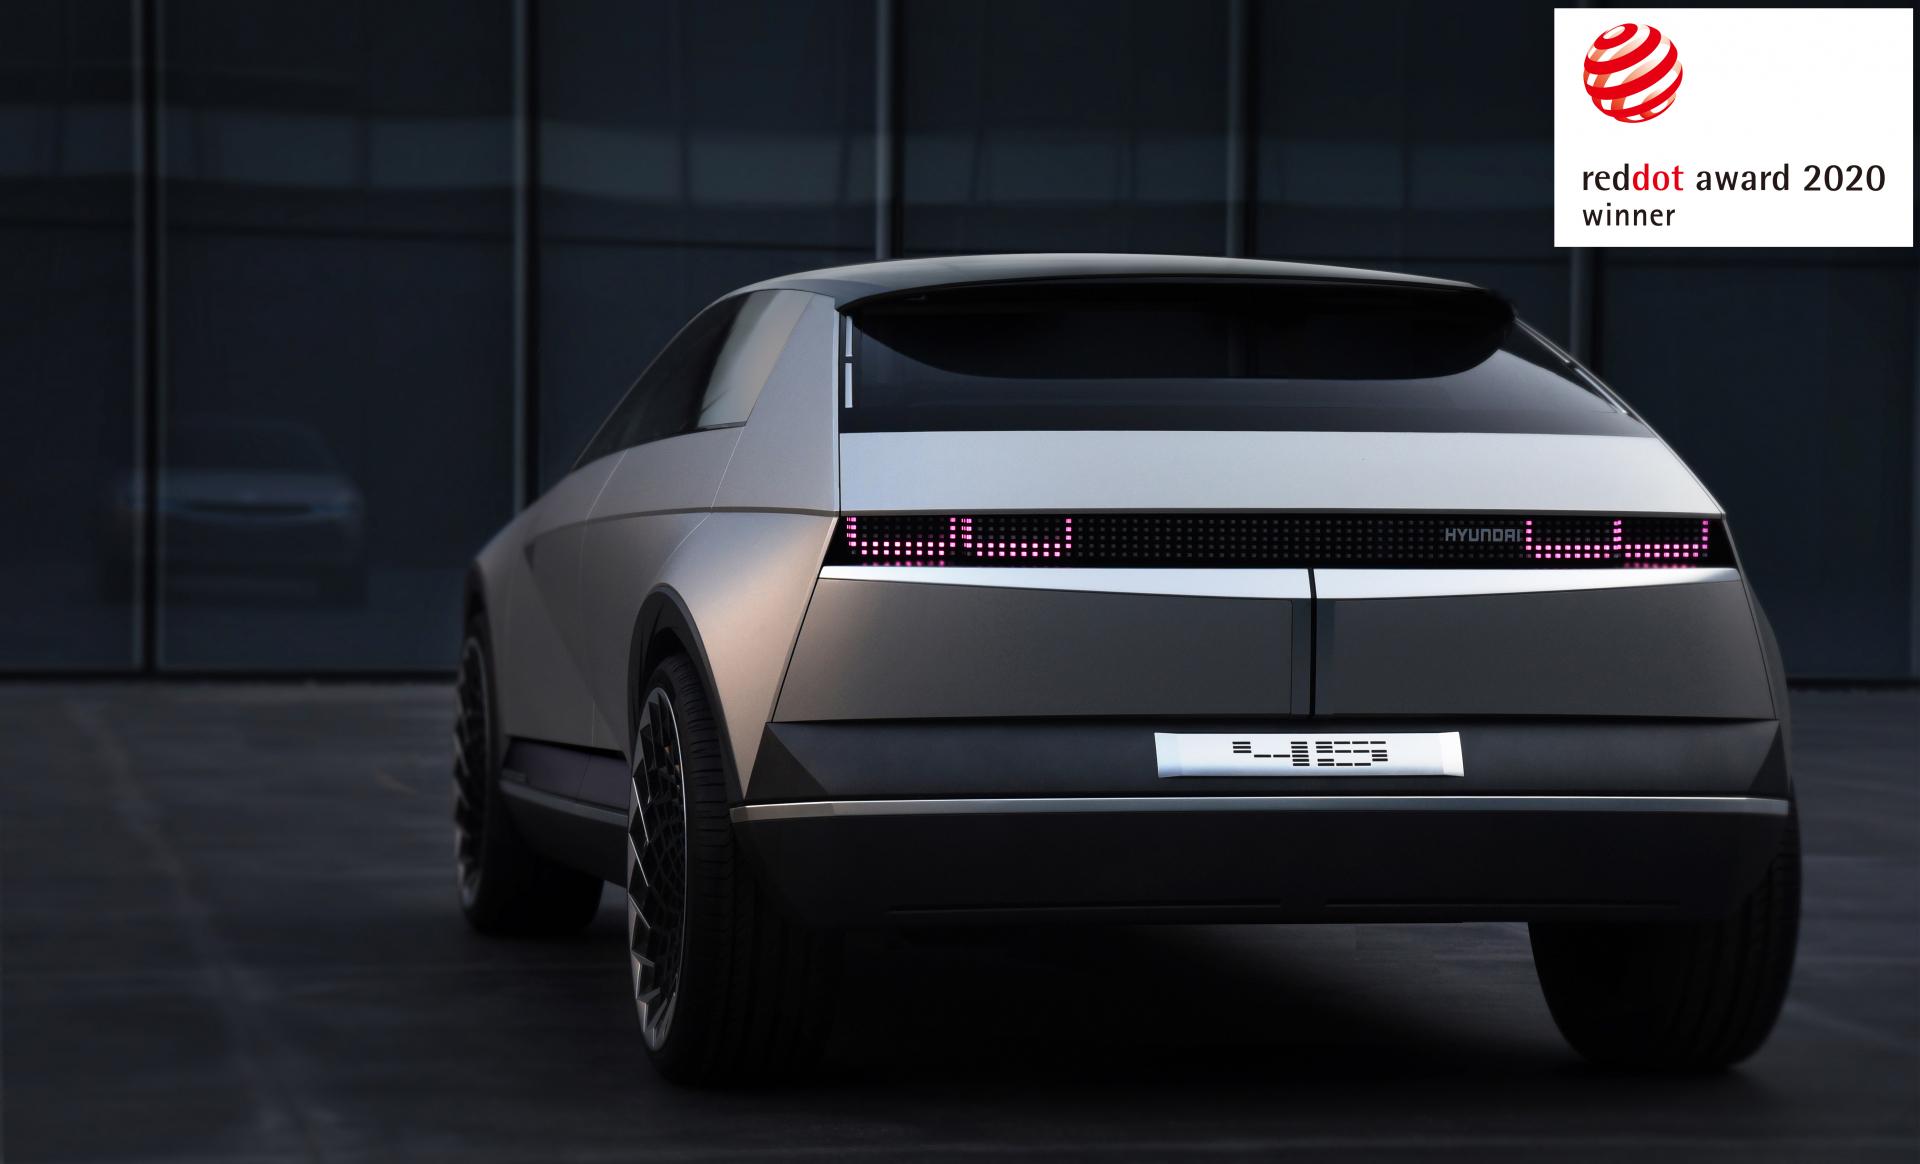 Компанія Hyundai Motor отримала три нагороди Red Dot Award 2020 за концептуальний дизайн   Техноцентр «Навигатор» - фото 10